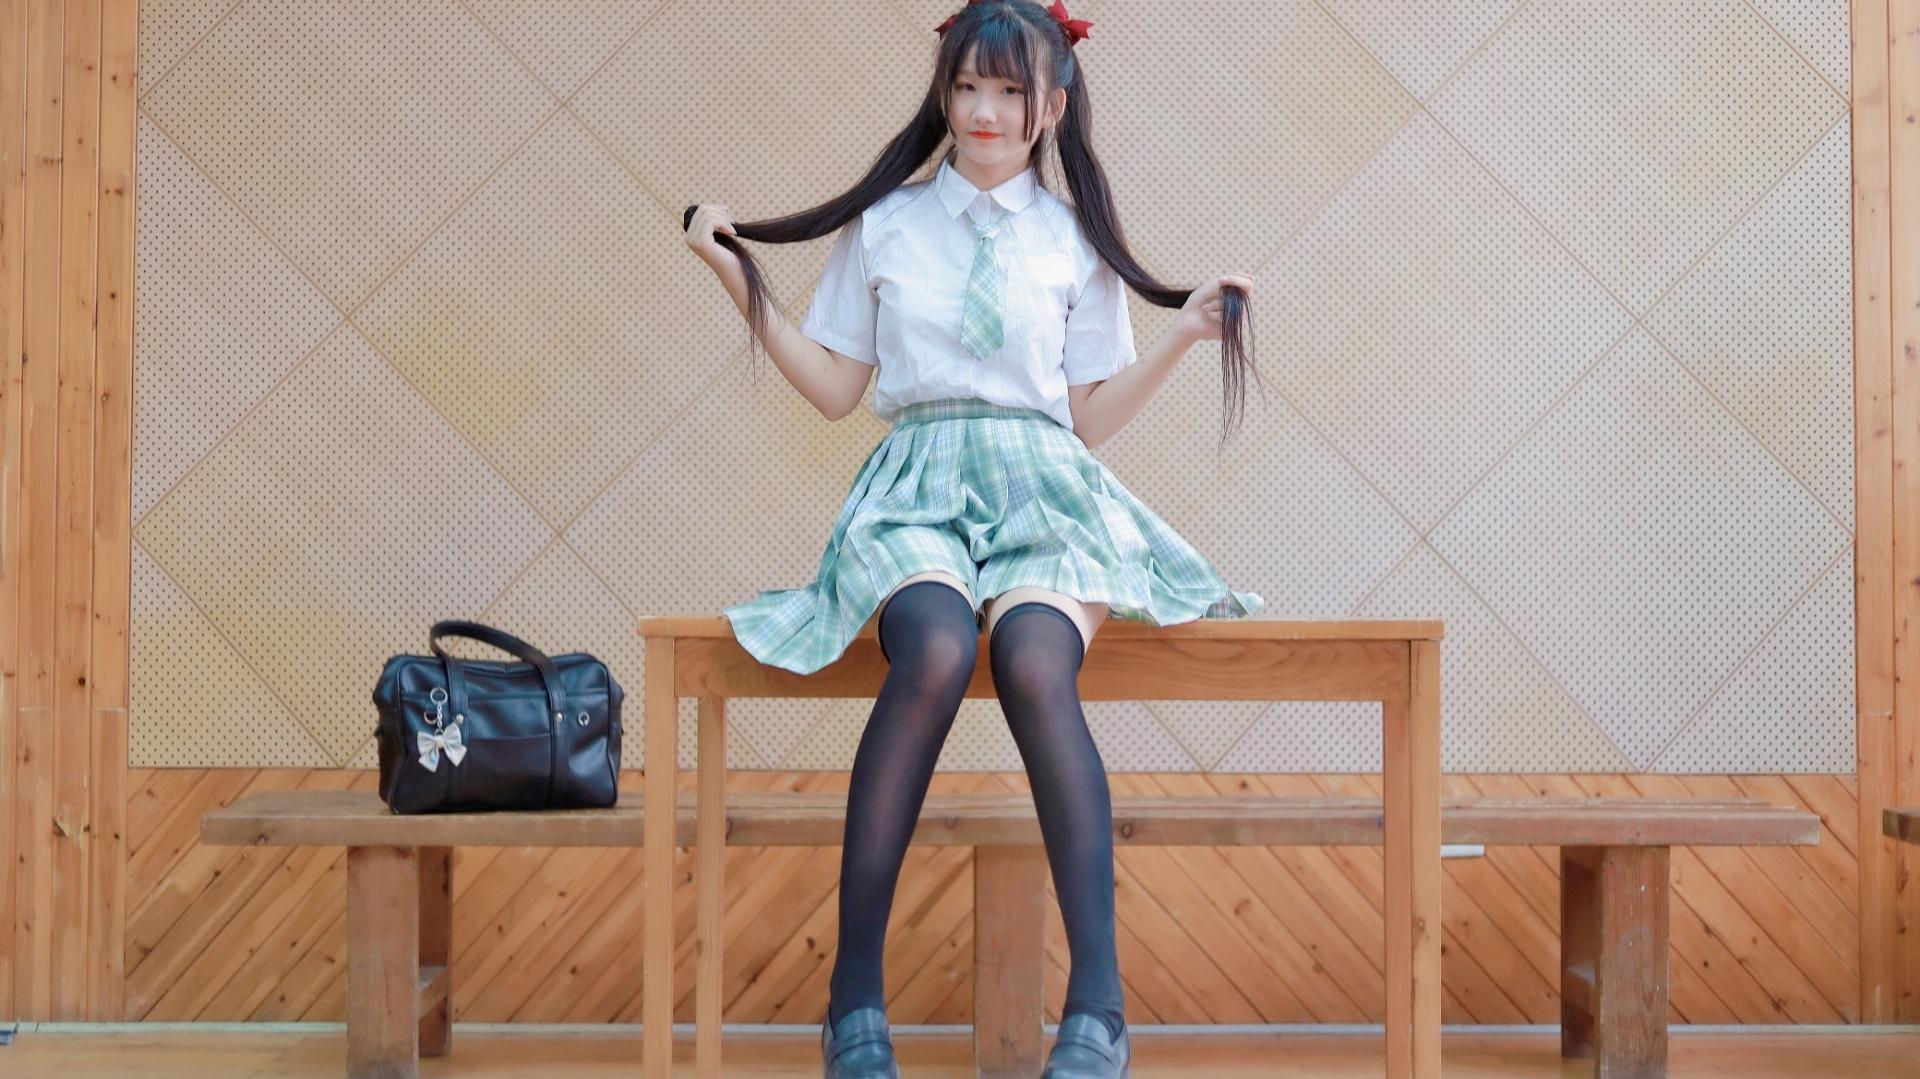 【出道616】【奈子】前辈、当作女友候补如何呢?